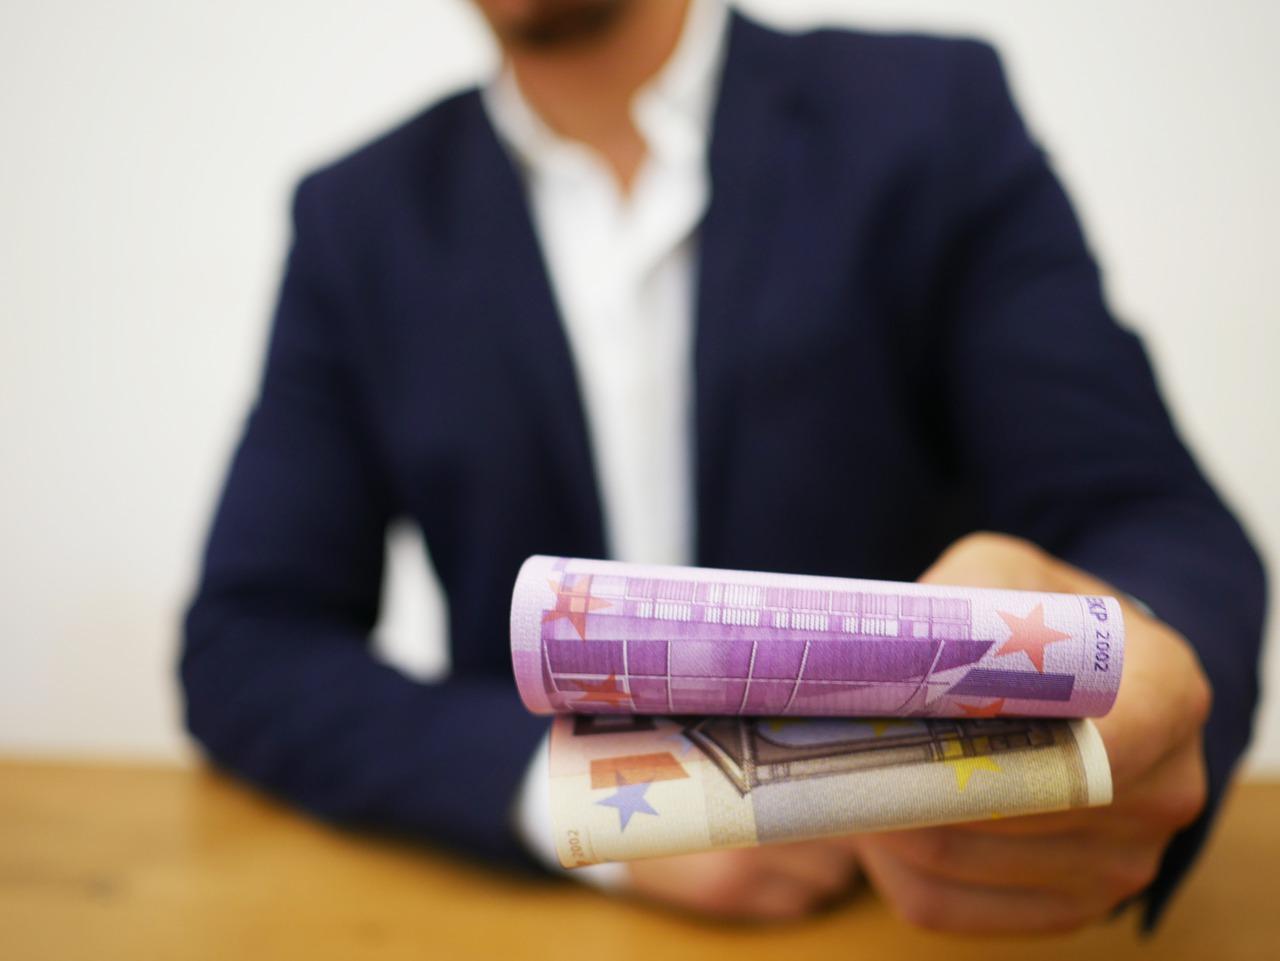 půjčka peněz